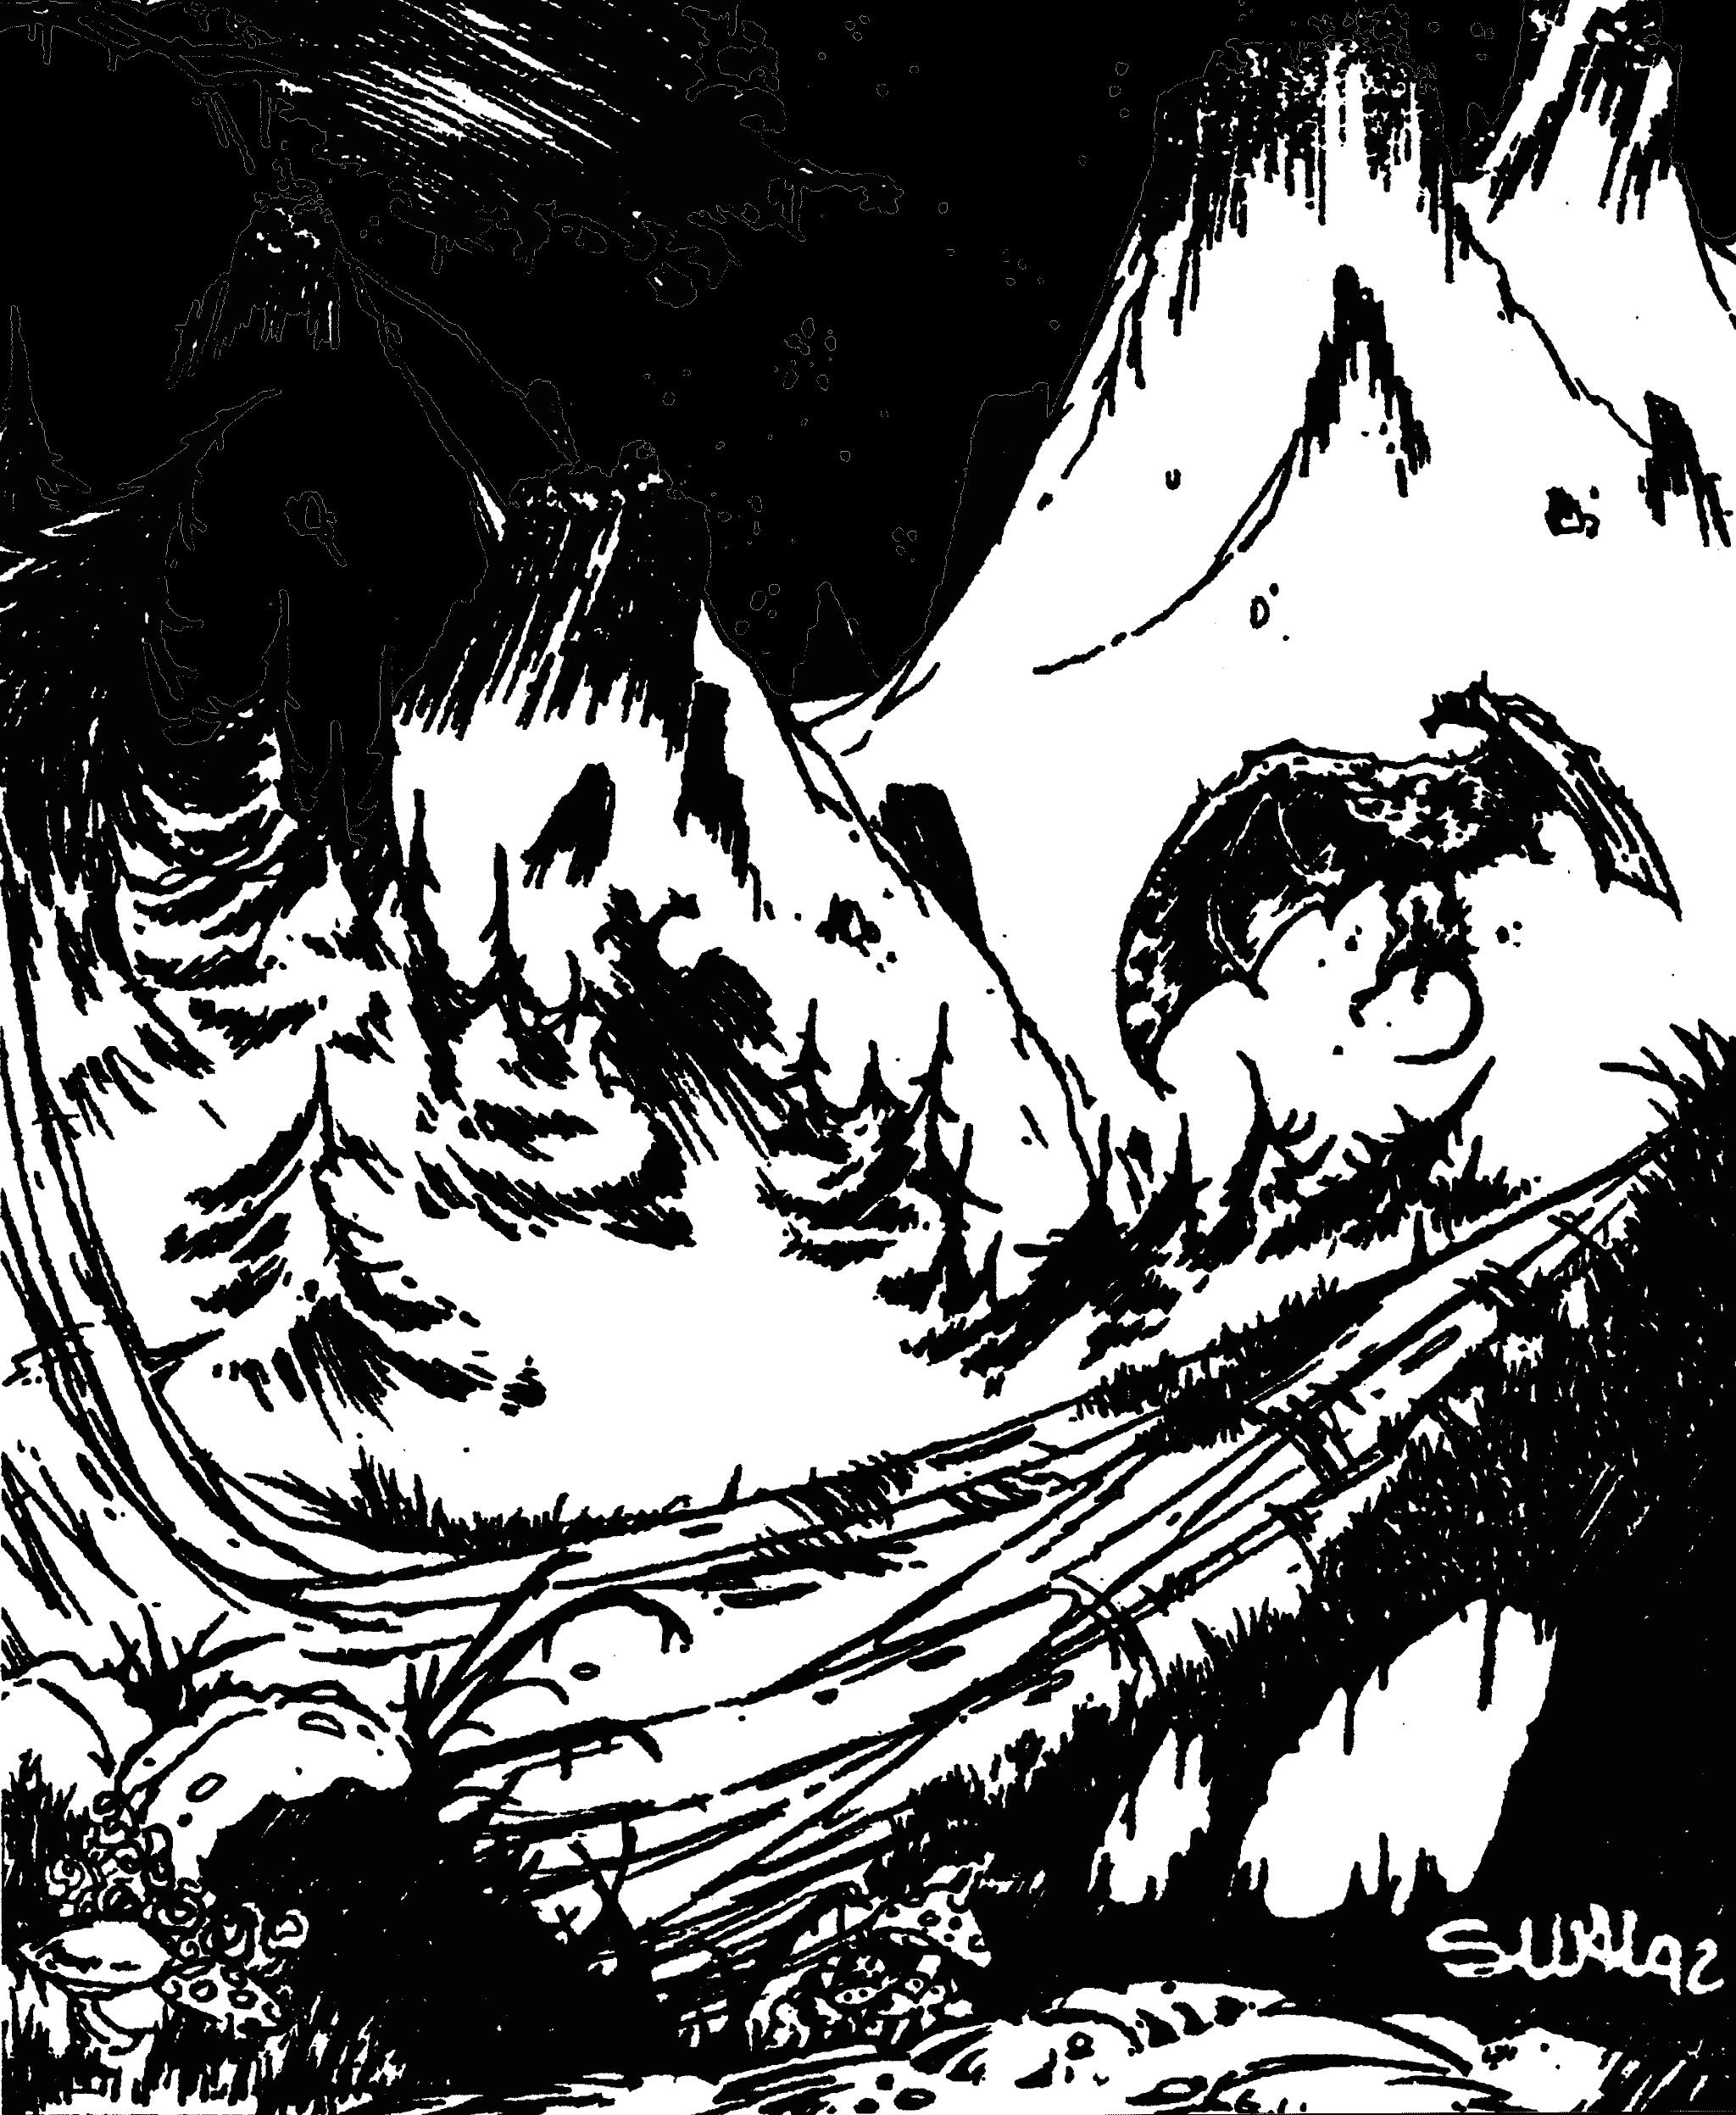 Une créature ailée dans une forêt devant une chaîne de montagnes